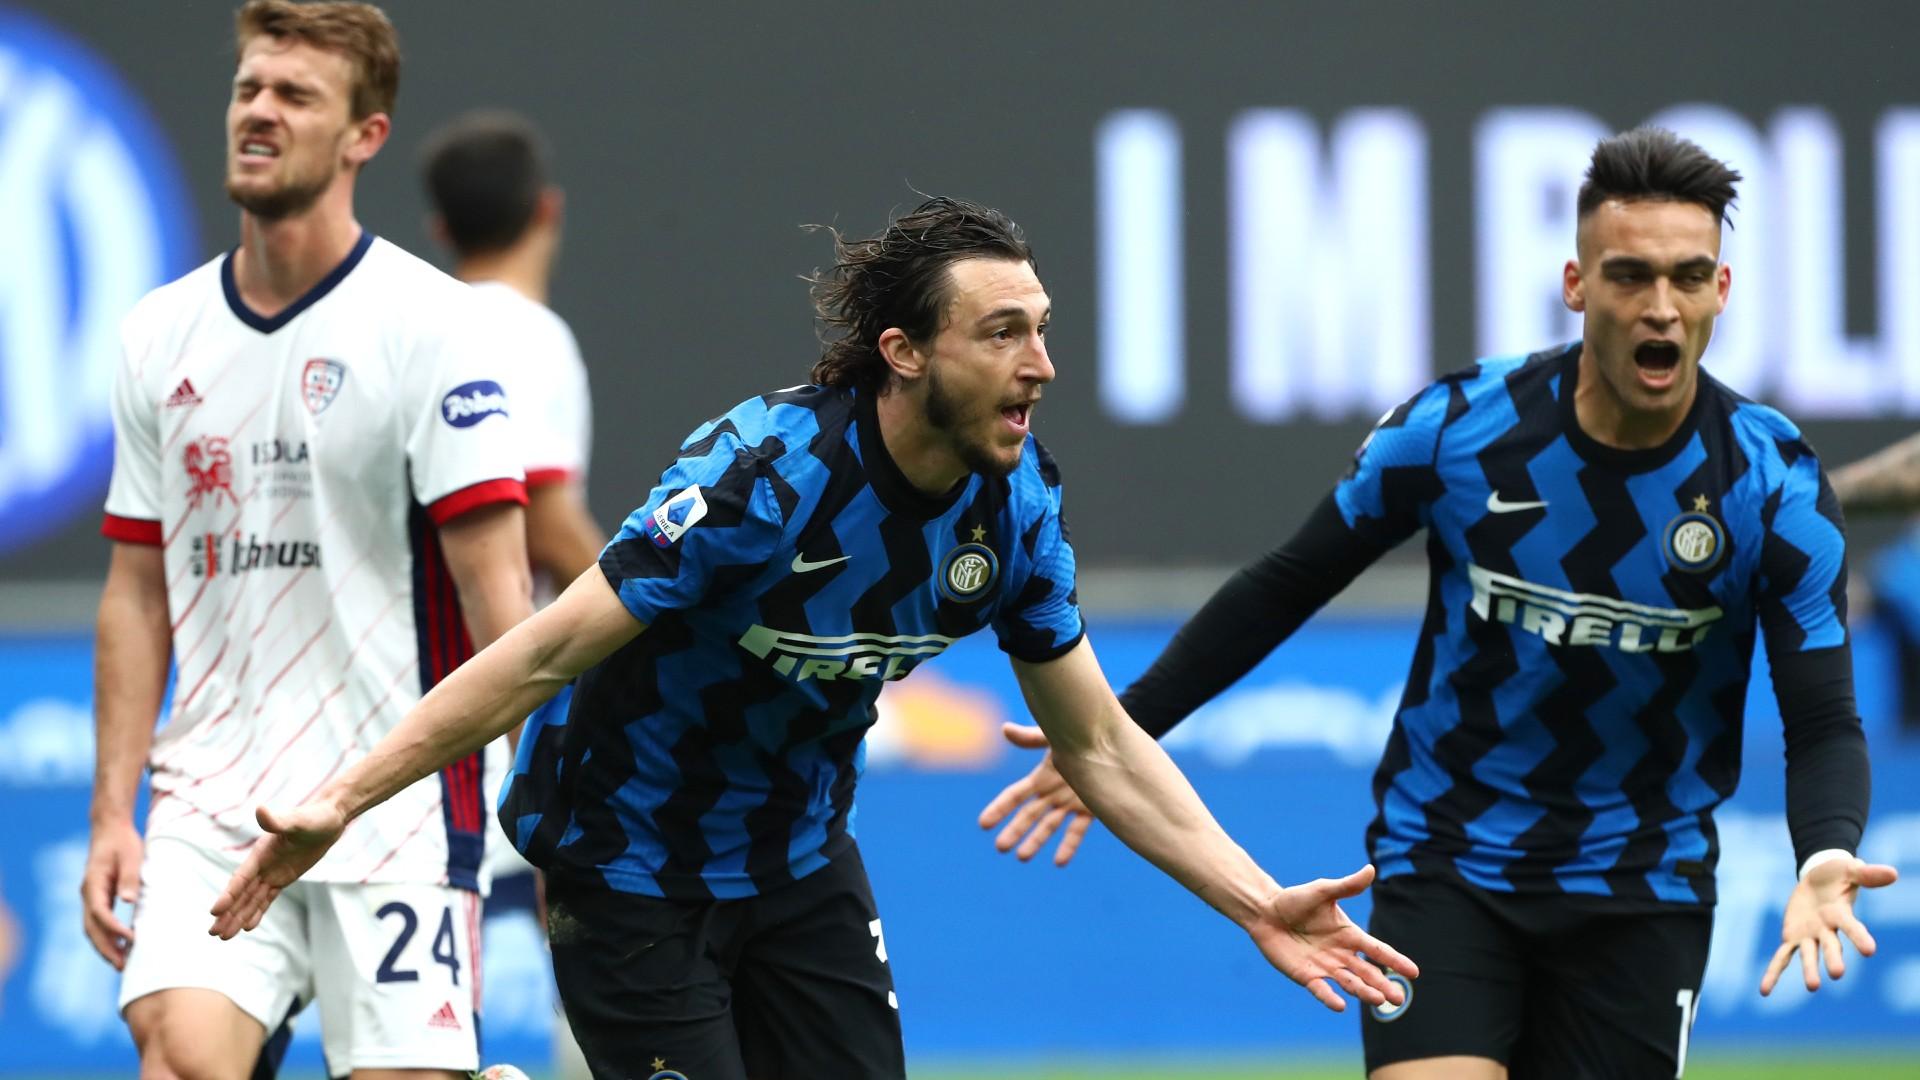 Inter 1-0 Cagliari: Darmian strikes late as Nerazzurri continue Serie A winning streak